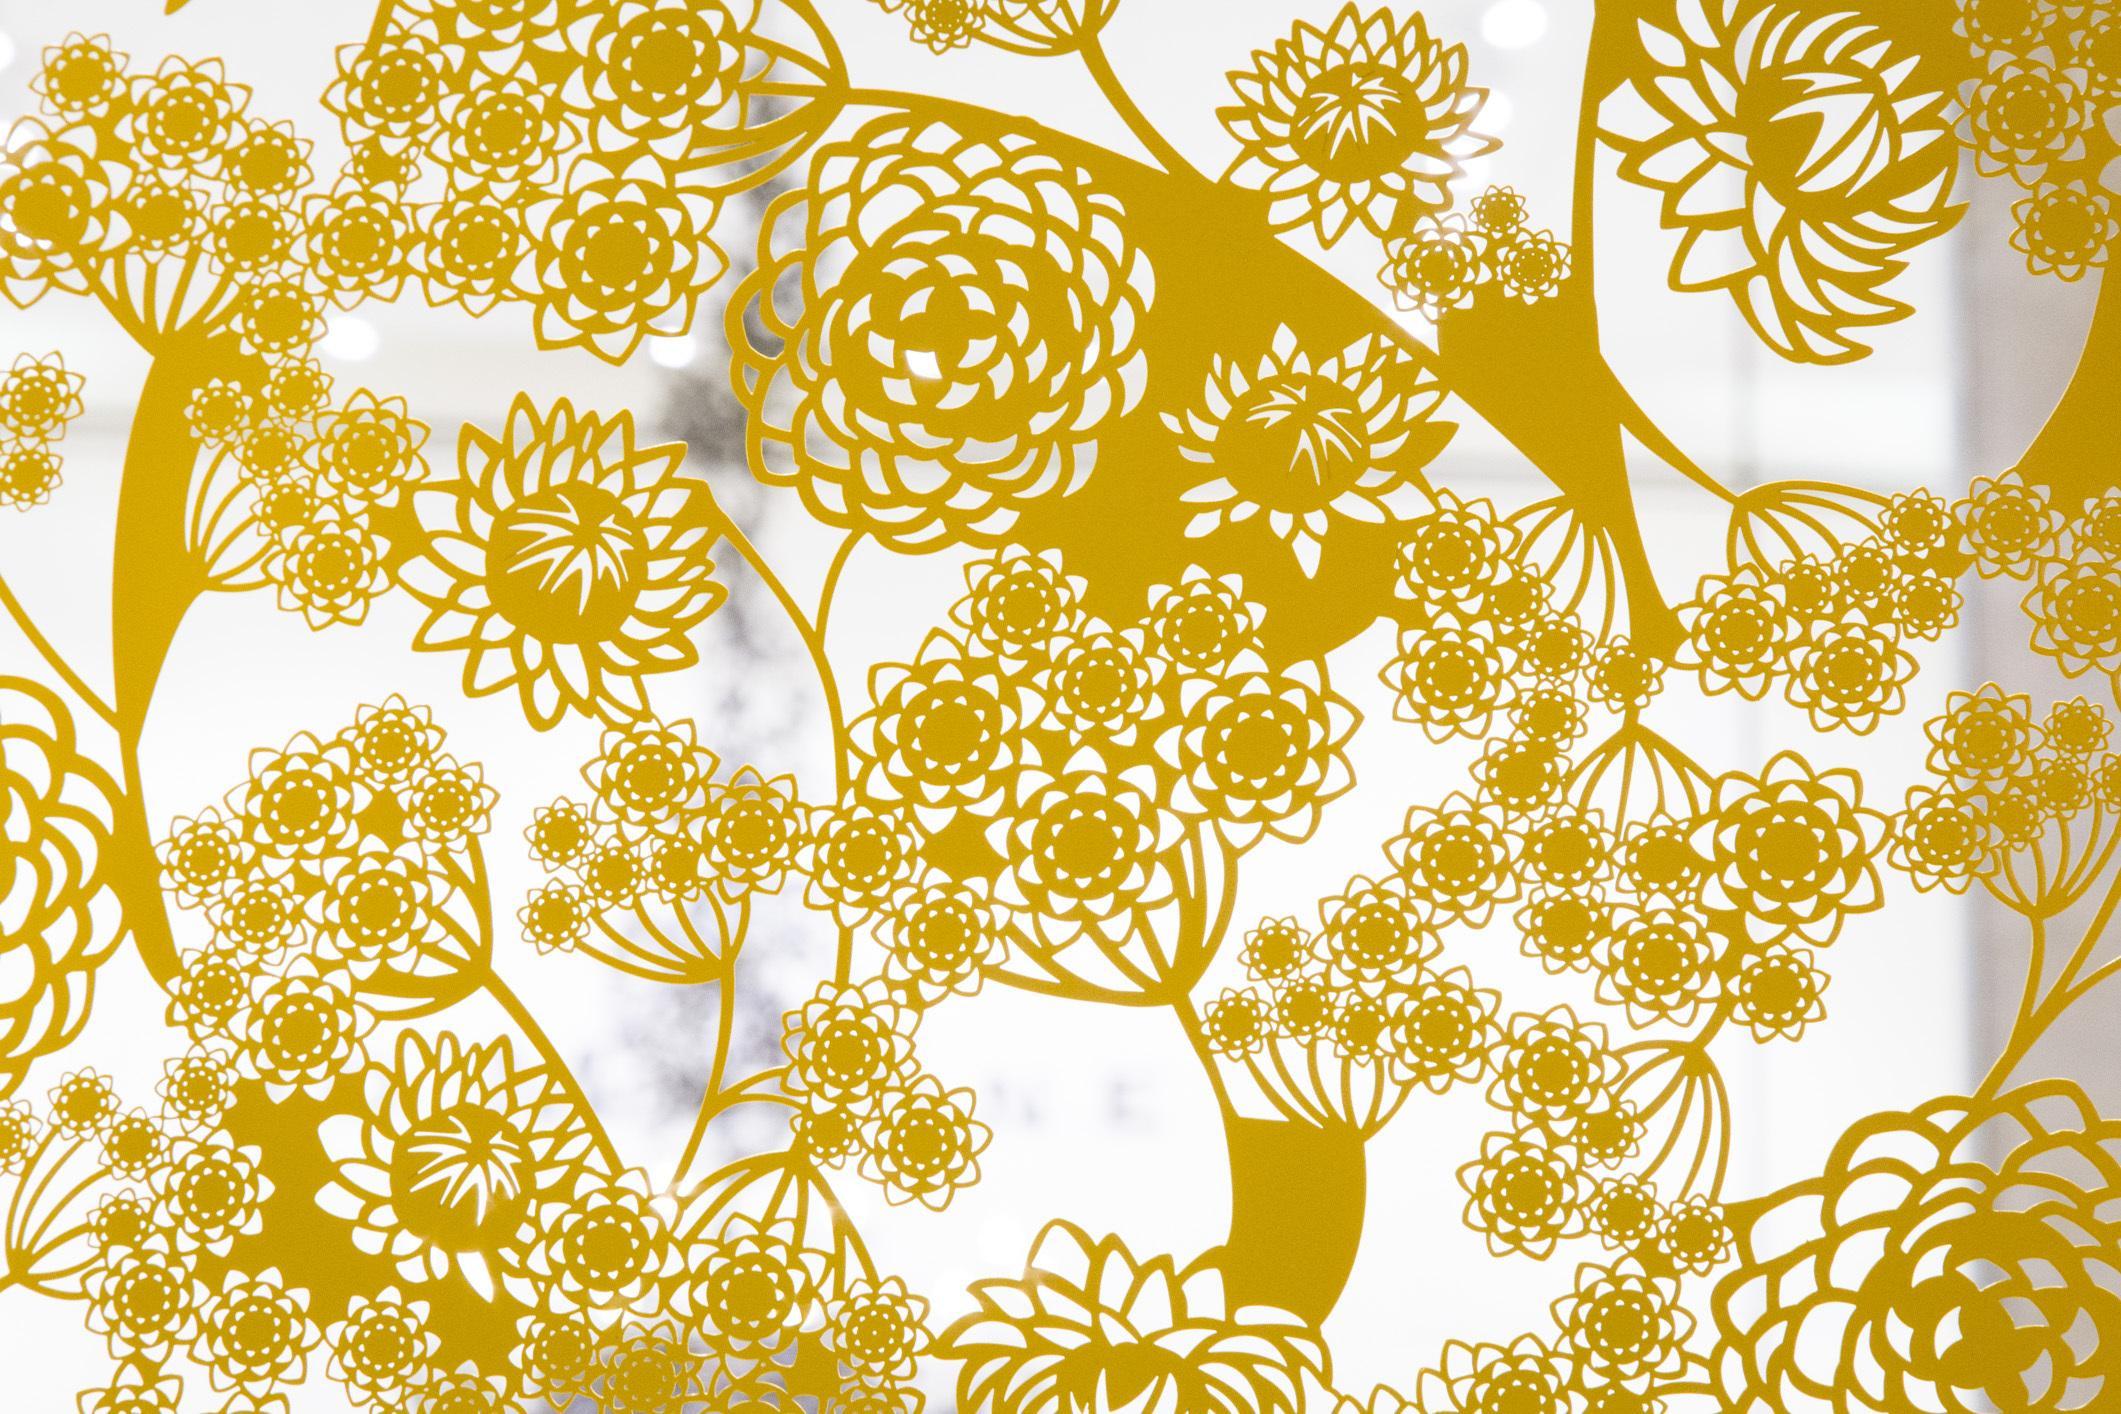 Caino Design Eden panel for L'ocitane Paris - Masha Shapiro Agency UK.jpg